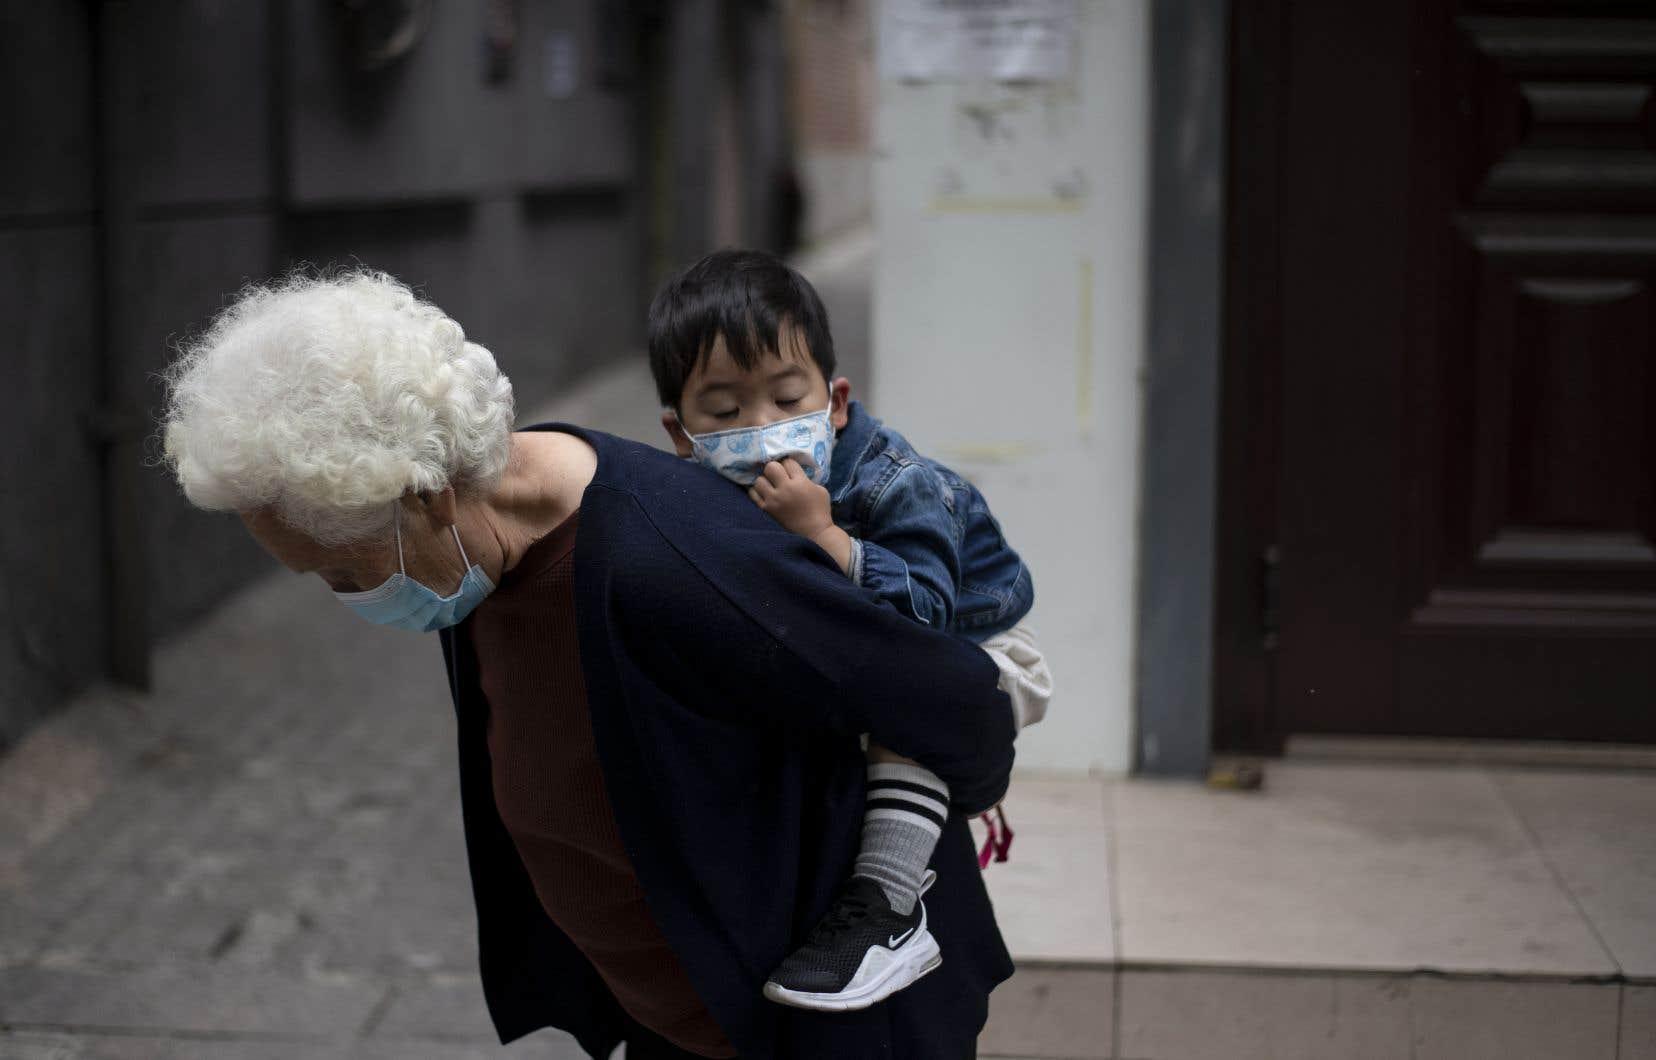 Les autorités de Wuhan ont forcé la fermeture des lieux publics et appelé les résidents à un nouveau confinement.